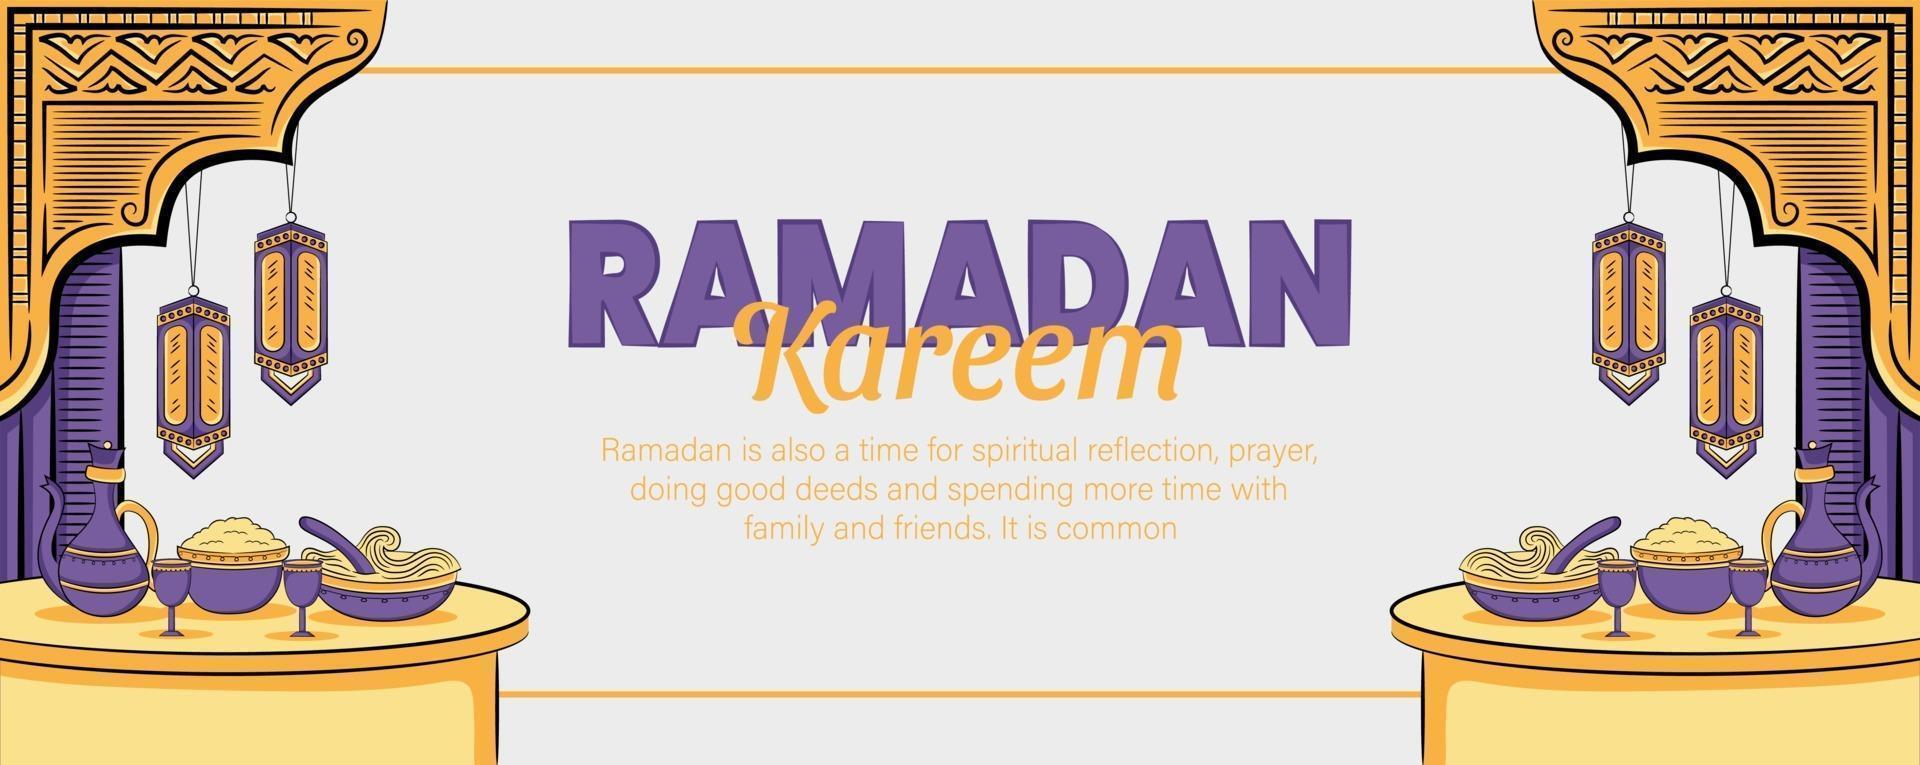 Ramadan Kareem Banner mit handgezeichneten islamischen Illustration vektor